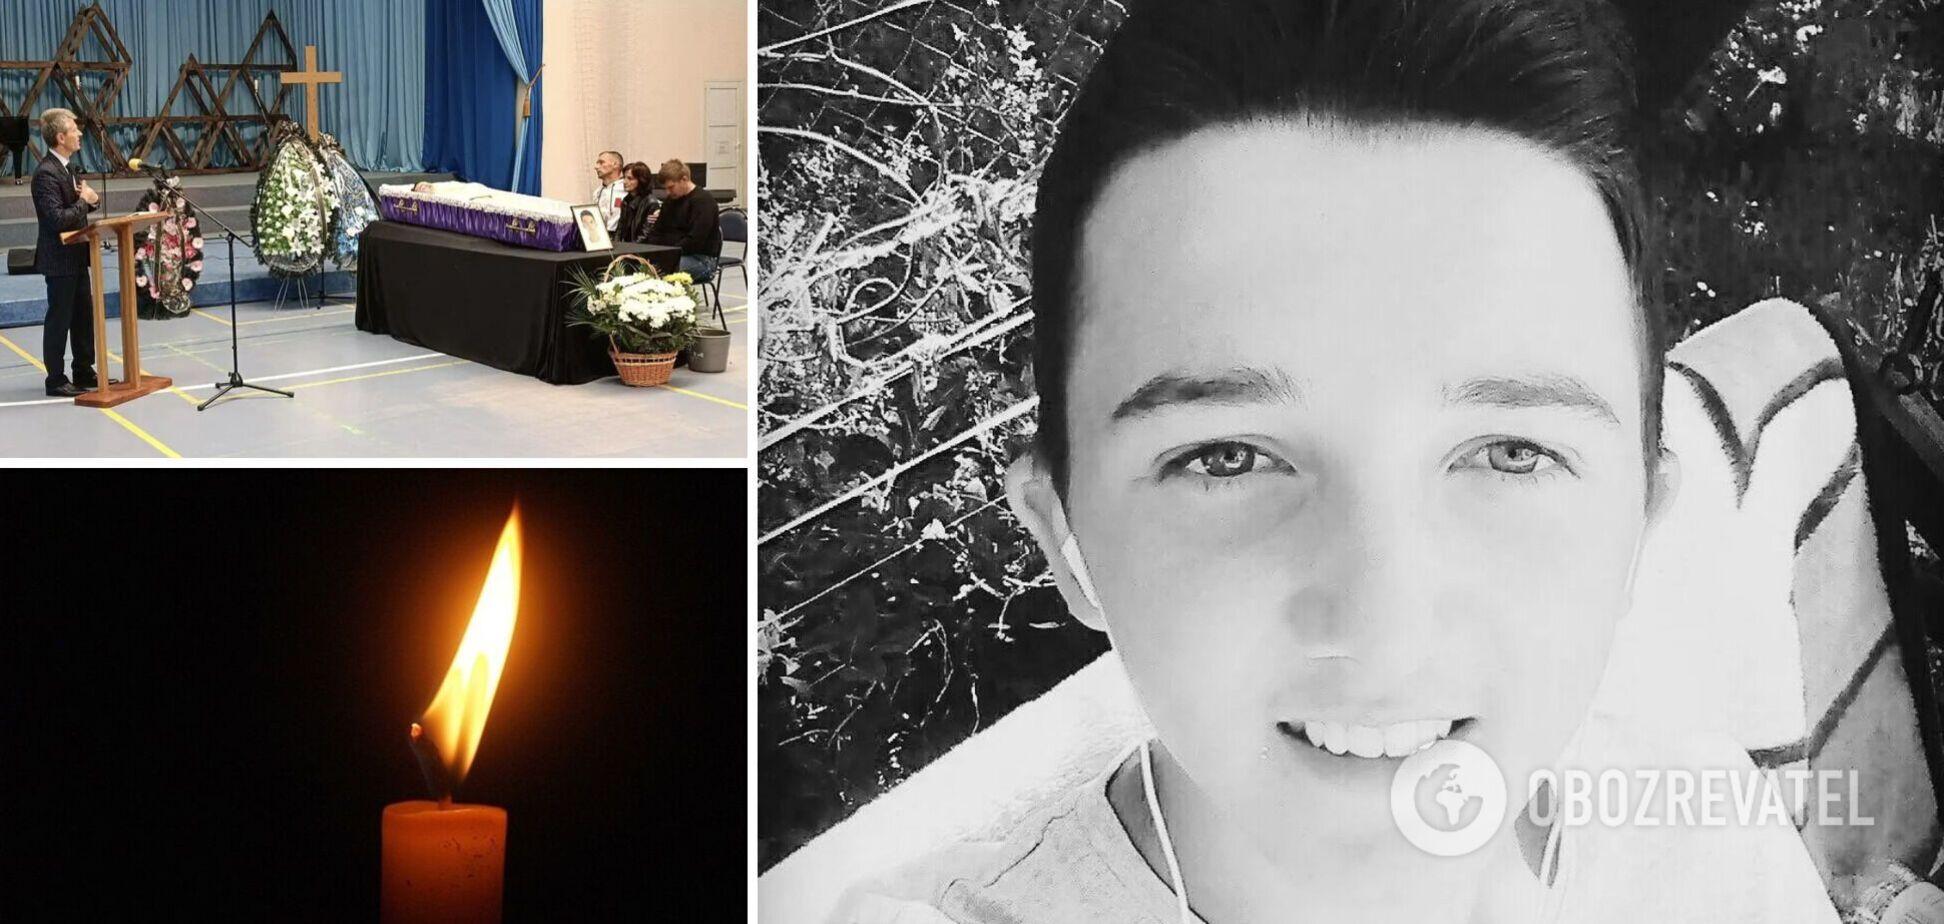 19-летний студент Владимир Сало умер через несколько часов после прививки Pfizer